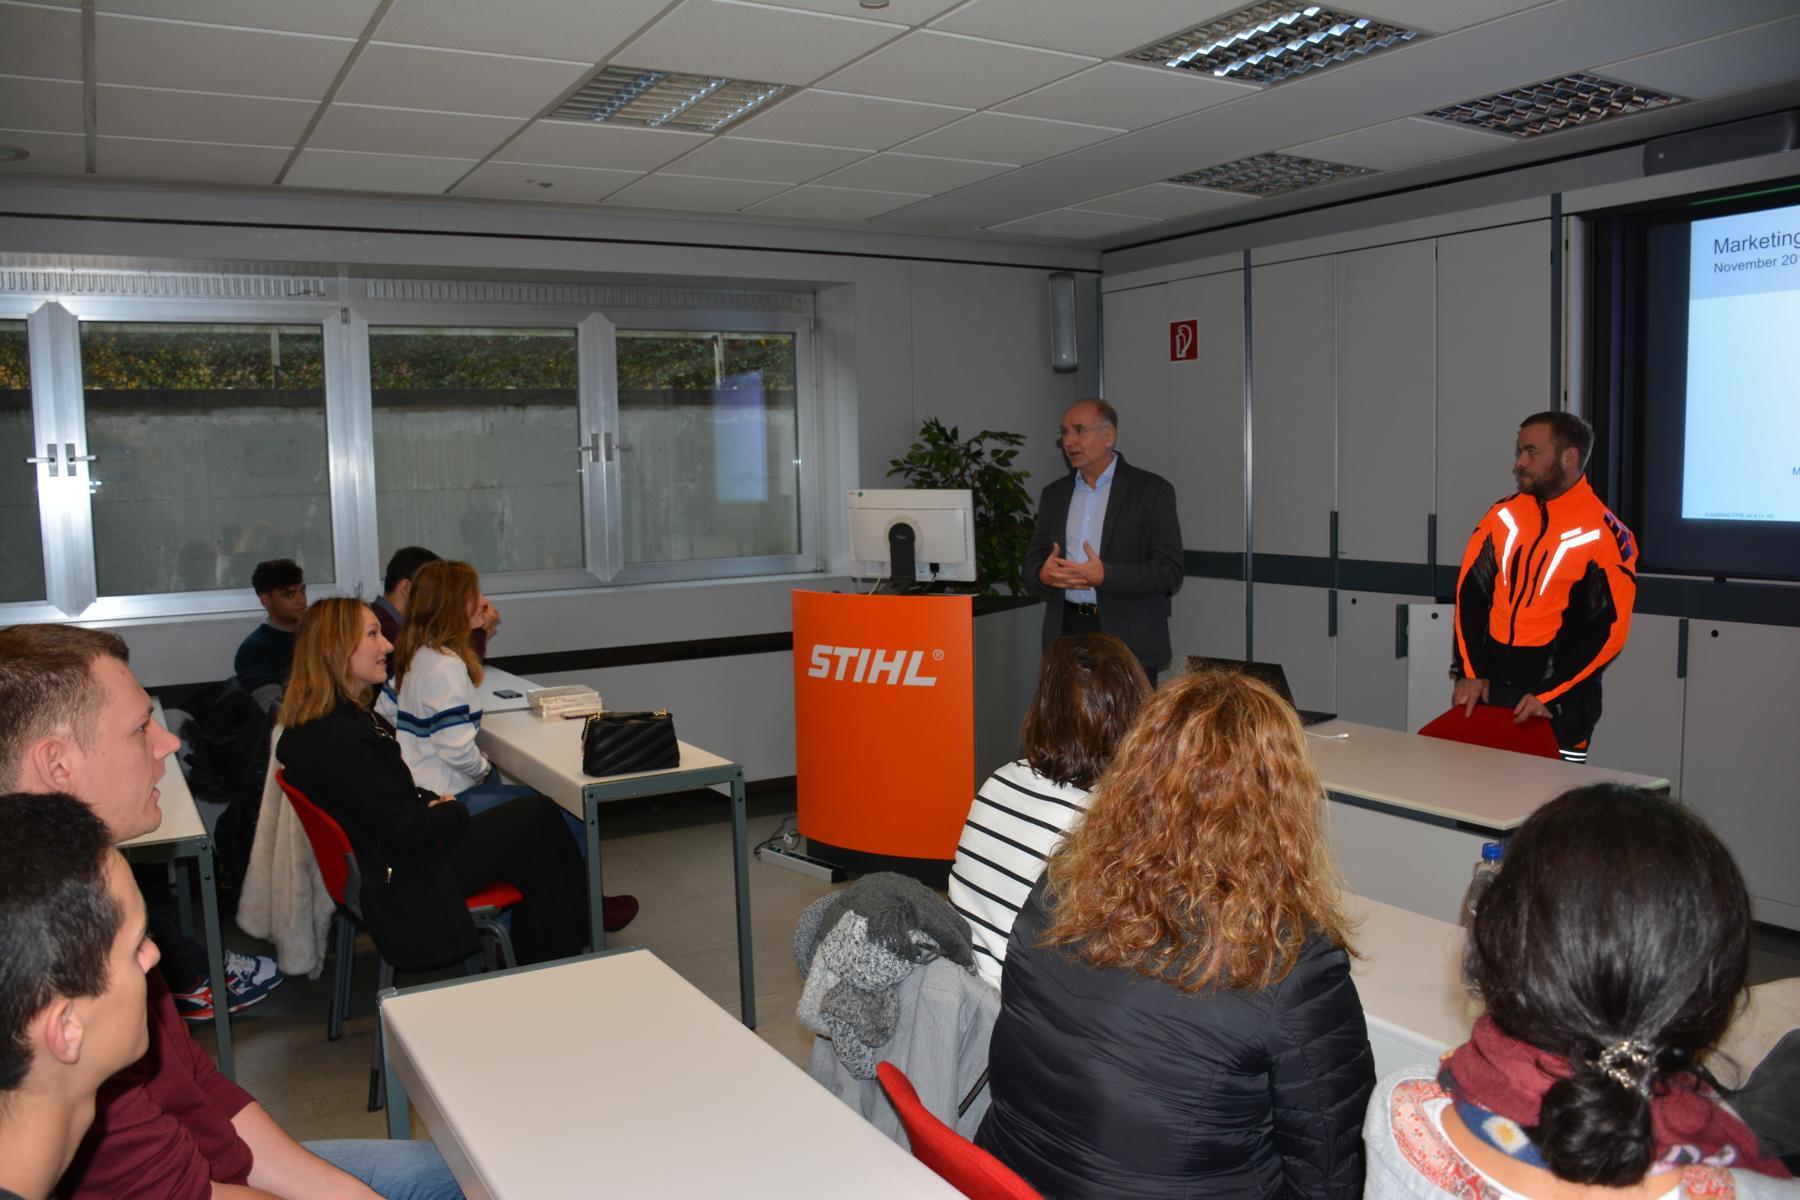 Visita a la empresa Andreas Stihl, saludo por el Sr. Iber (Gerente General de Stihl España)